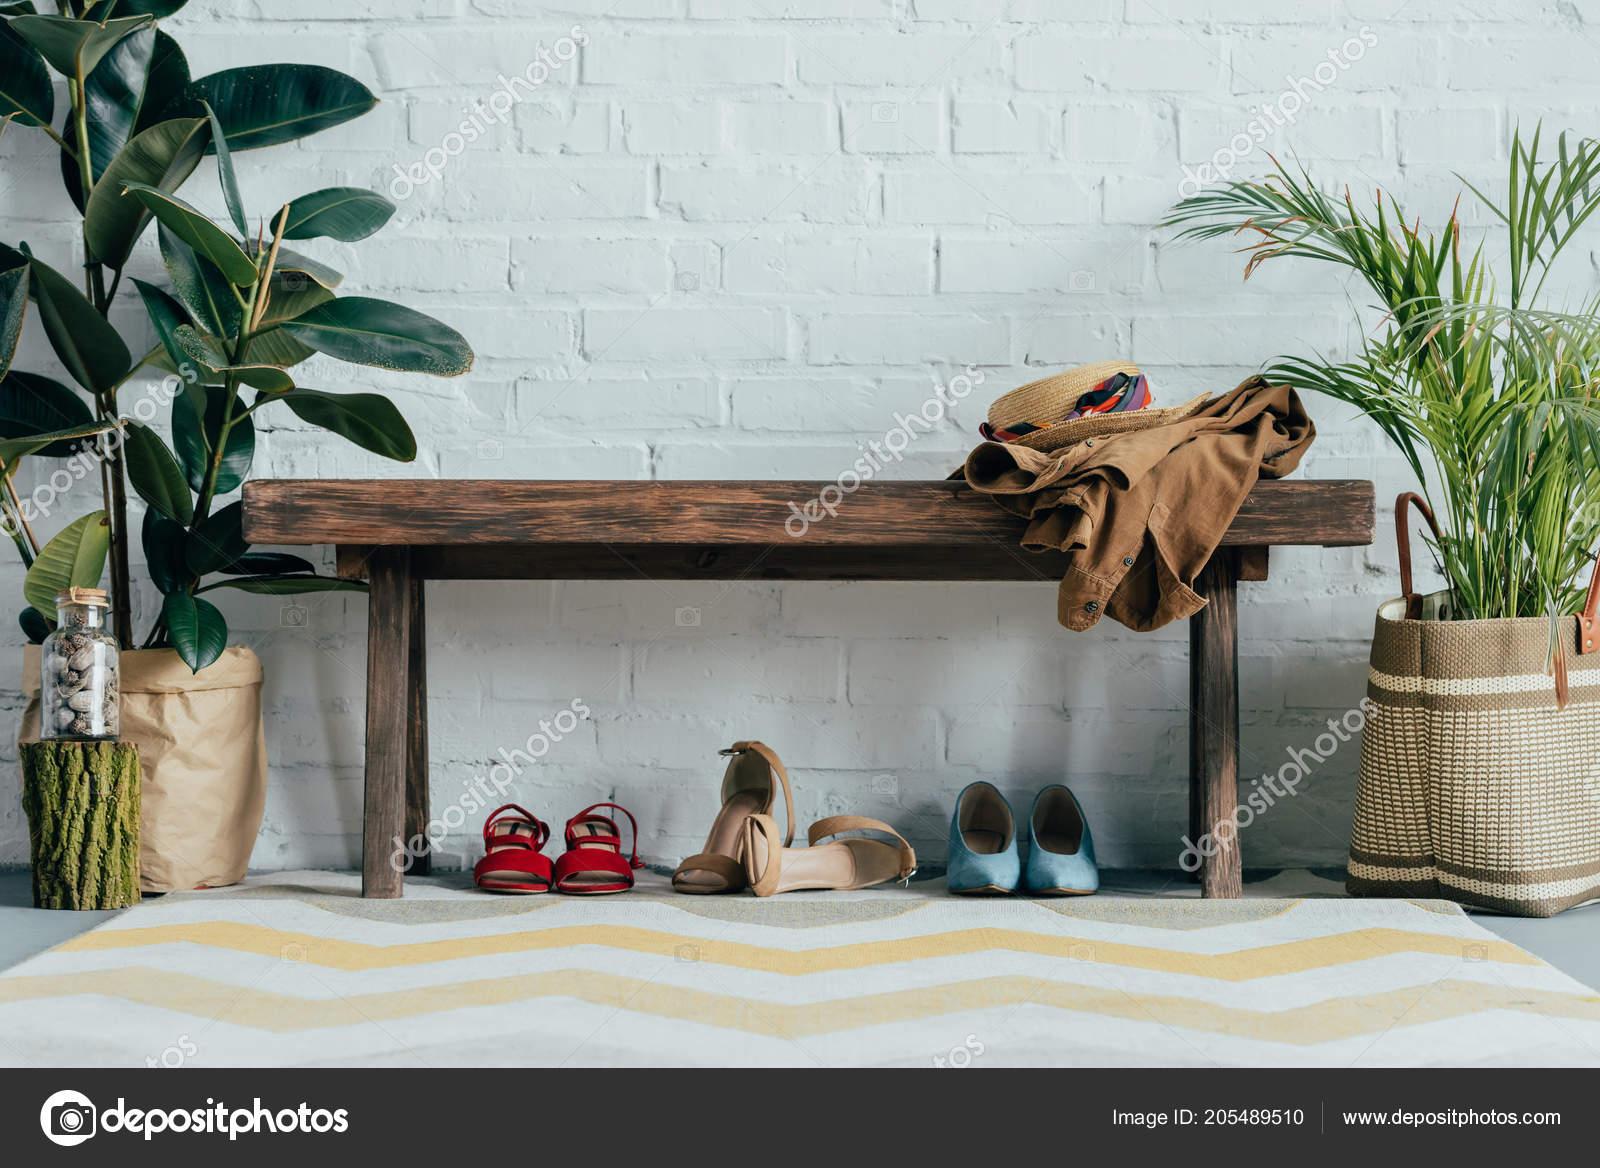 5ae794756d Γλάστρες Διαφορετικά Παπούτσια Κάτω Από Ξύλινο Πάγκο Στο Διάδρομο Στο —  Φωτογραφία Αρχείου